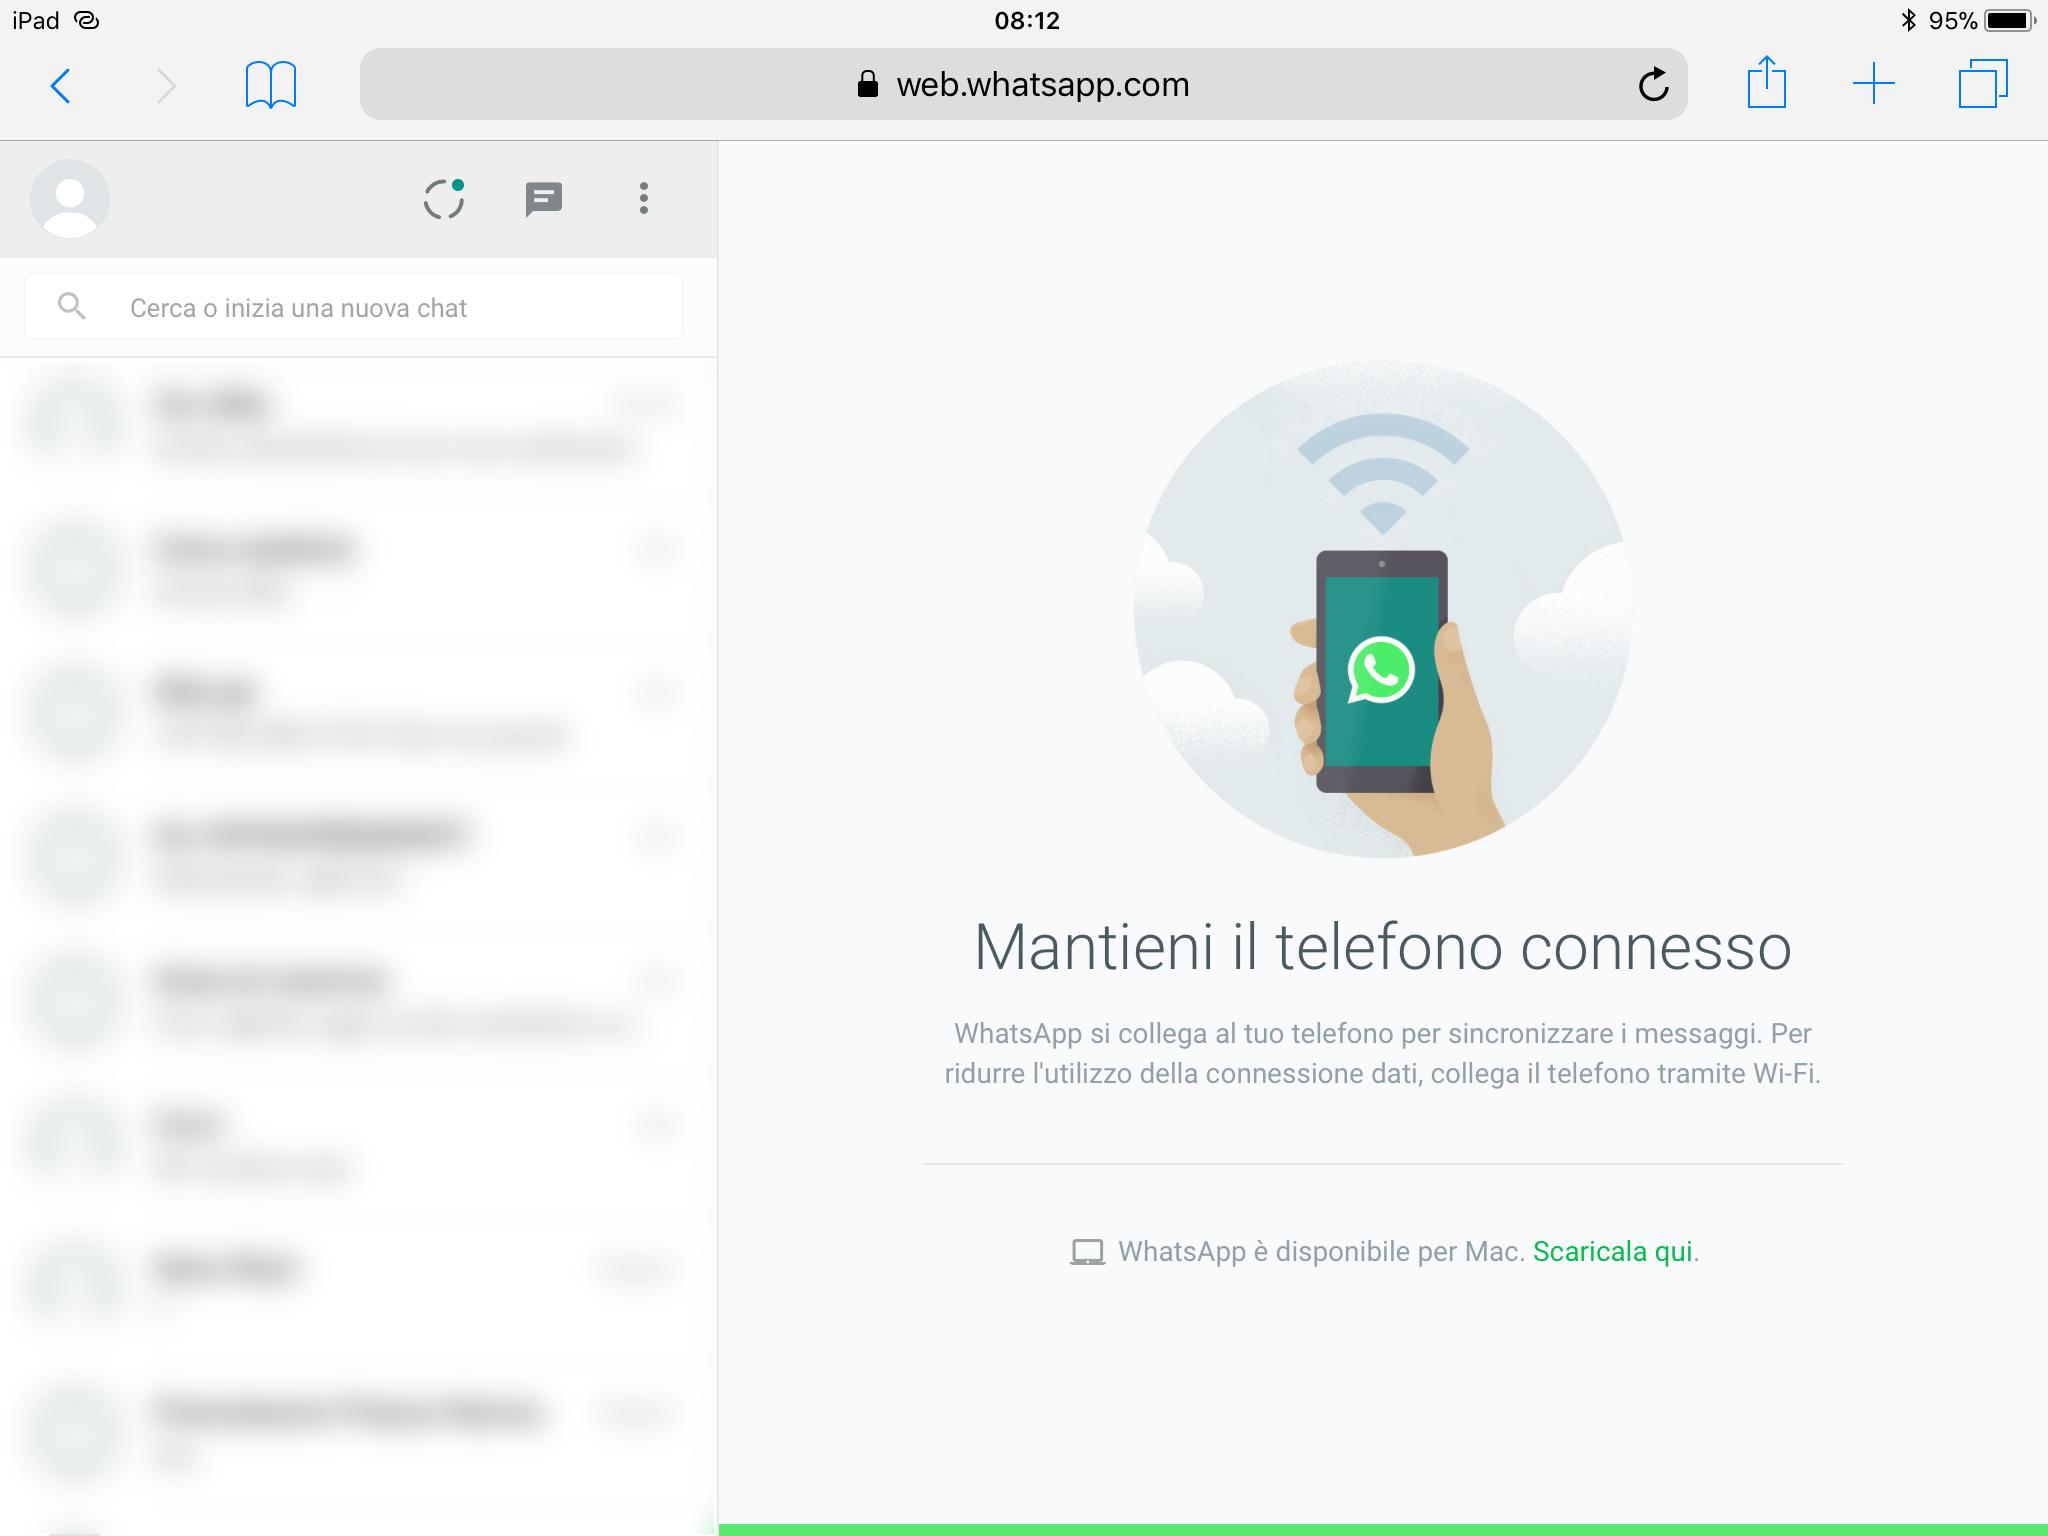 web.whatsapp.com dopo il login